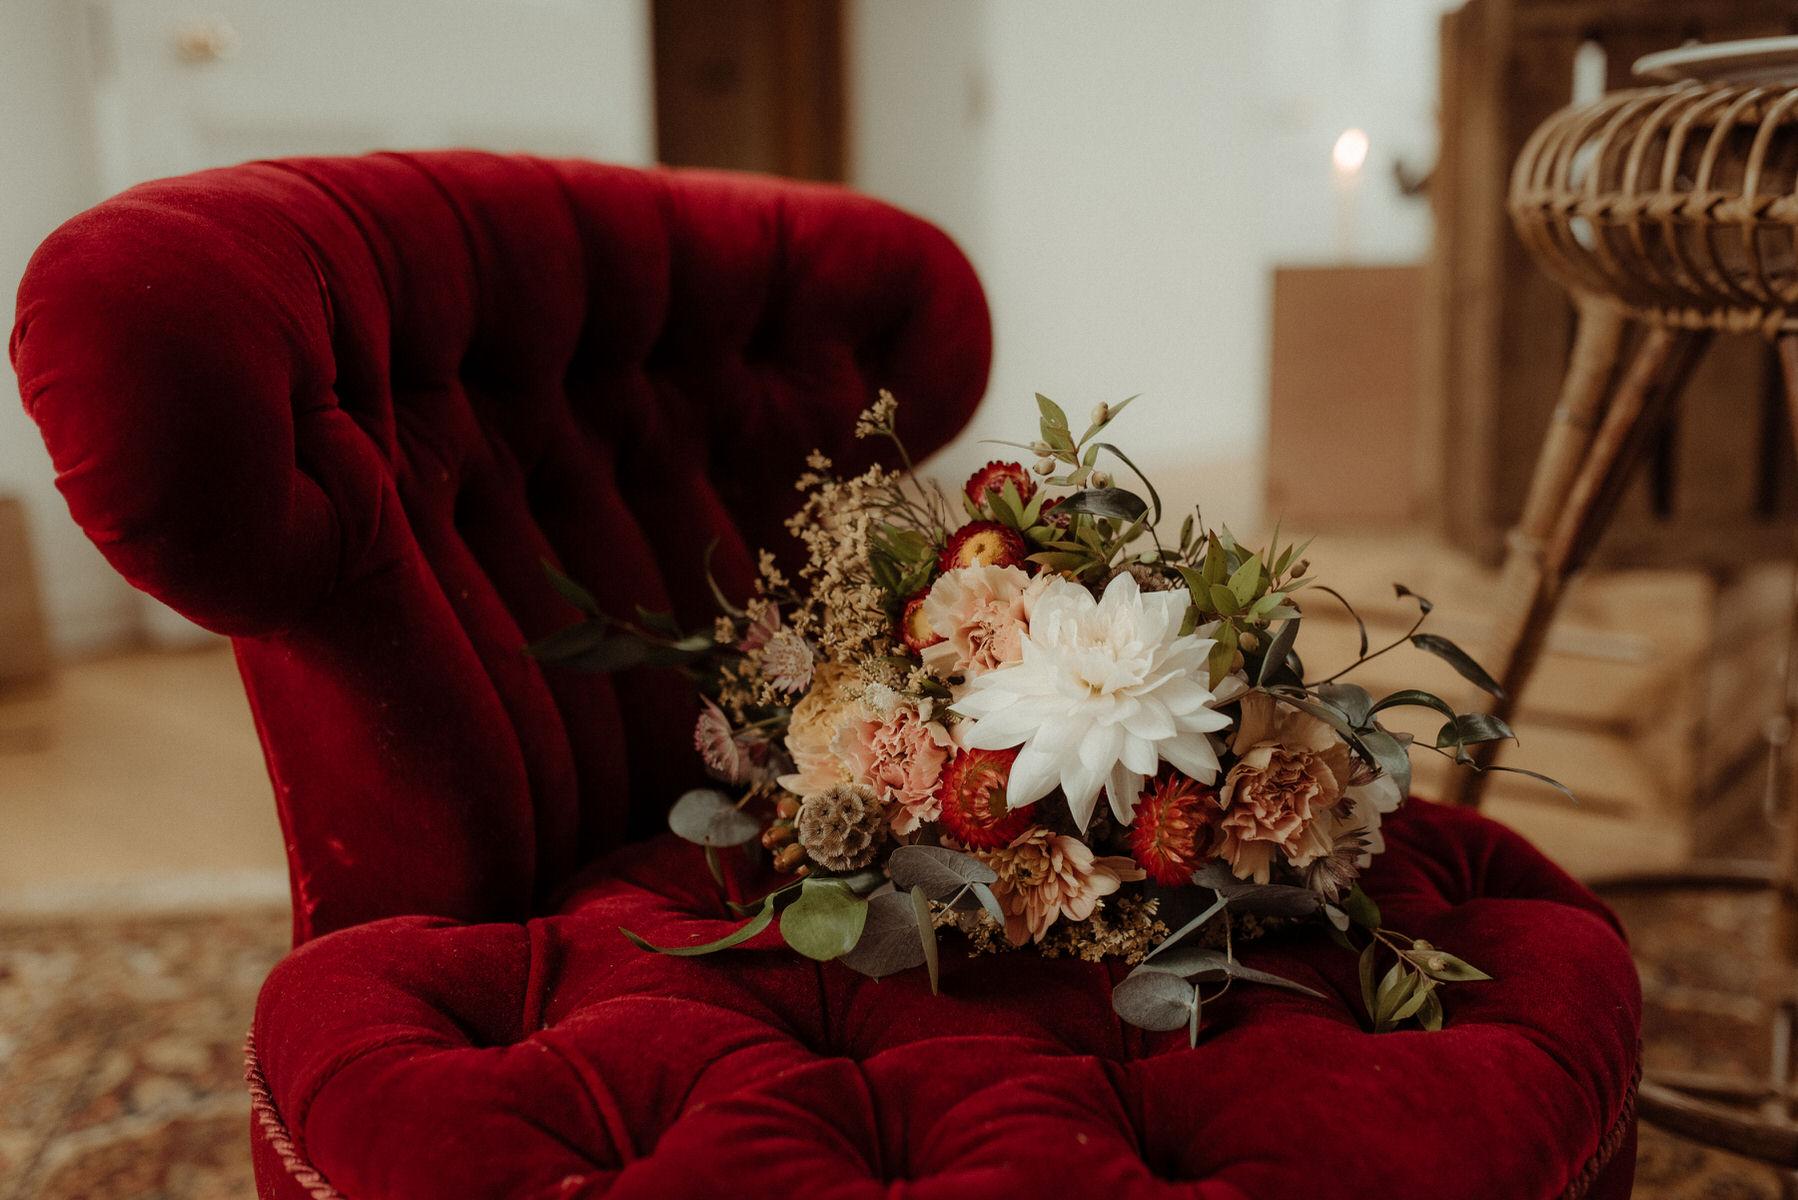 Wedding seating nook